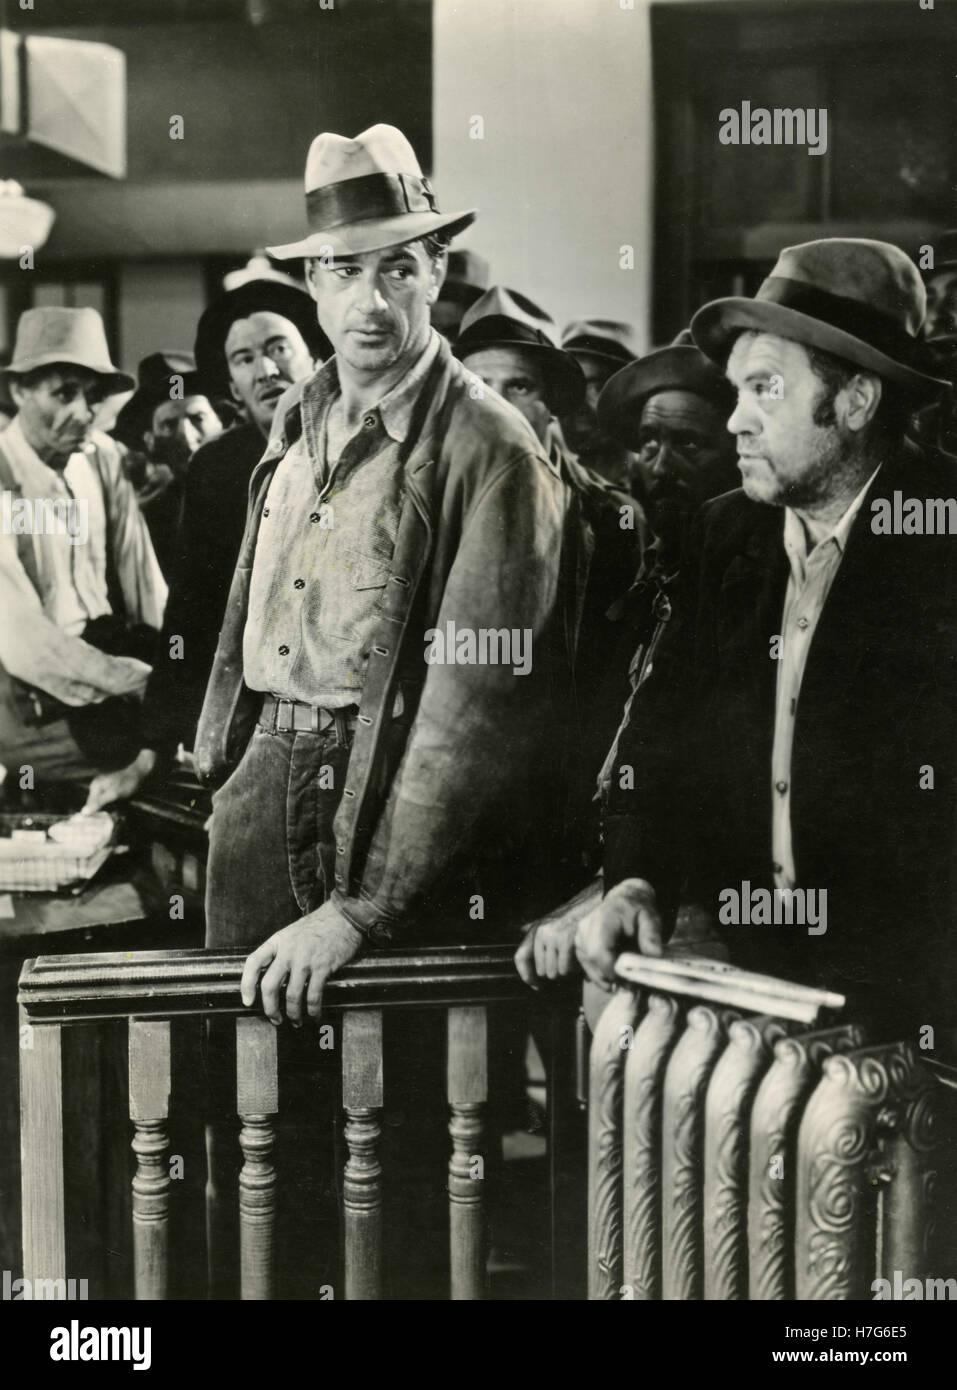 Schauspieler Gary Cooper in dem Film Meet John Doe, USA 1941 Stockbild